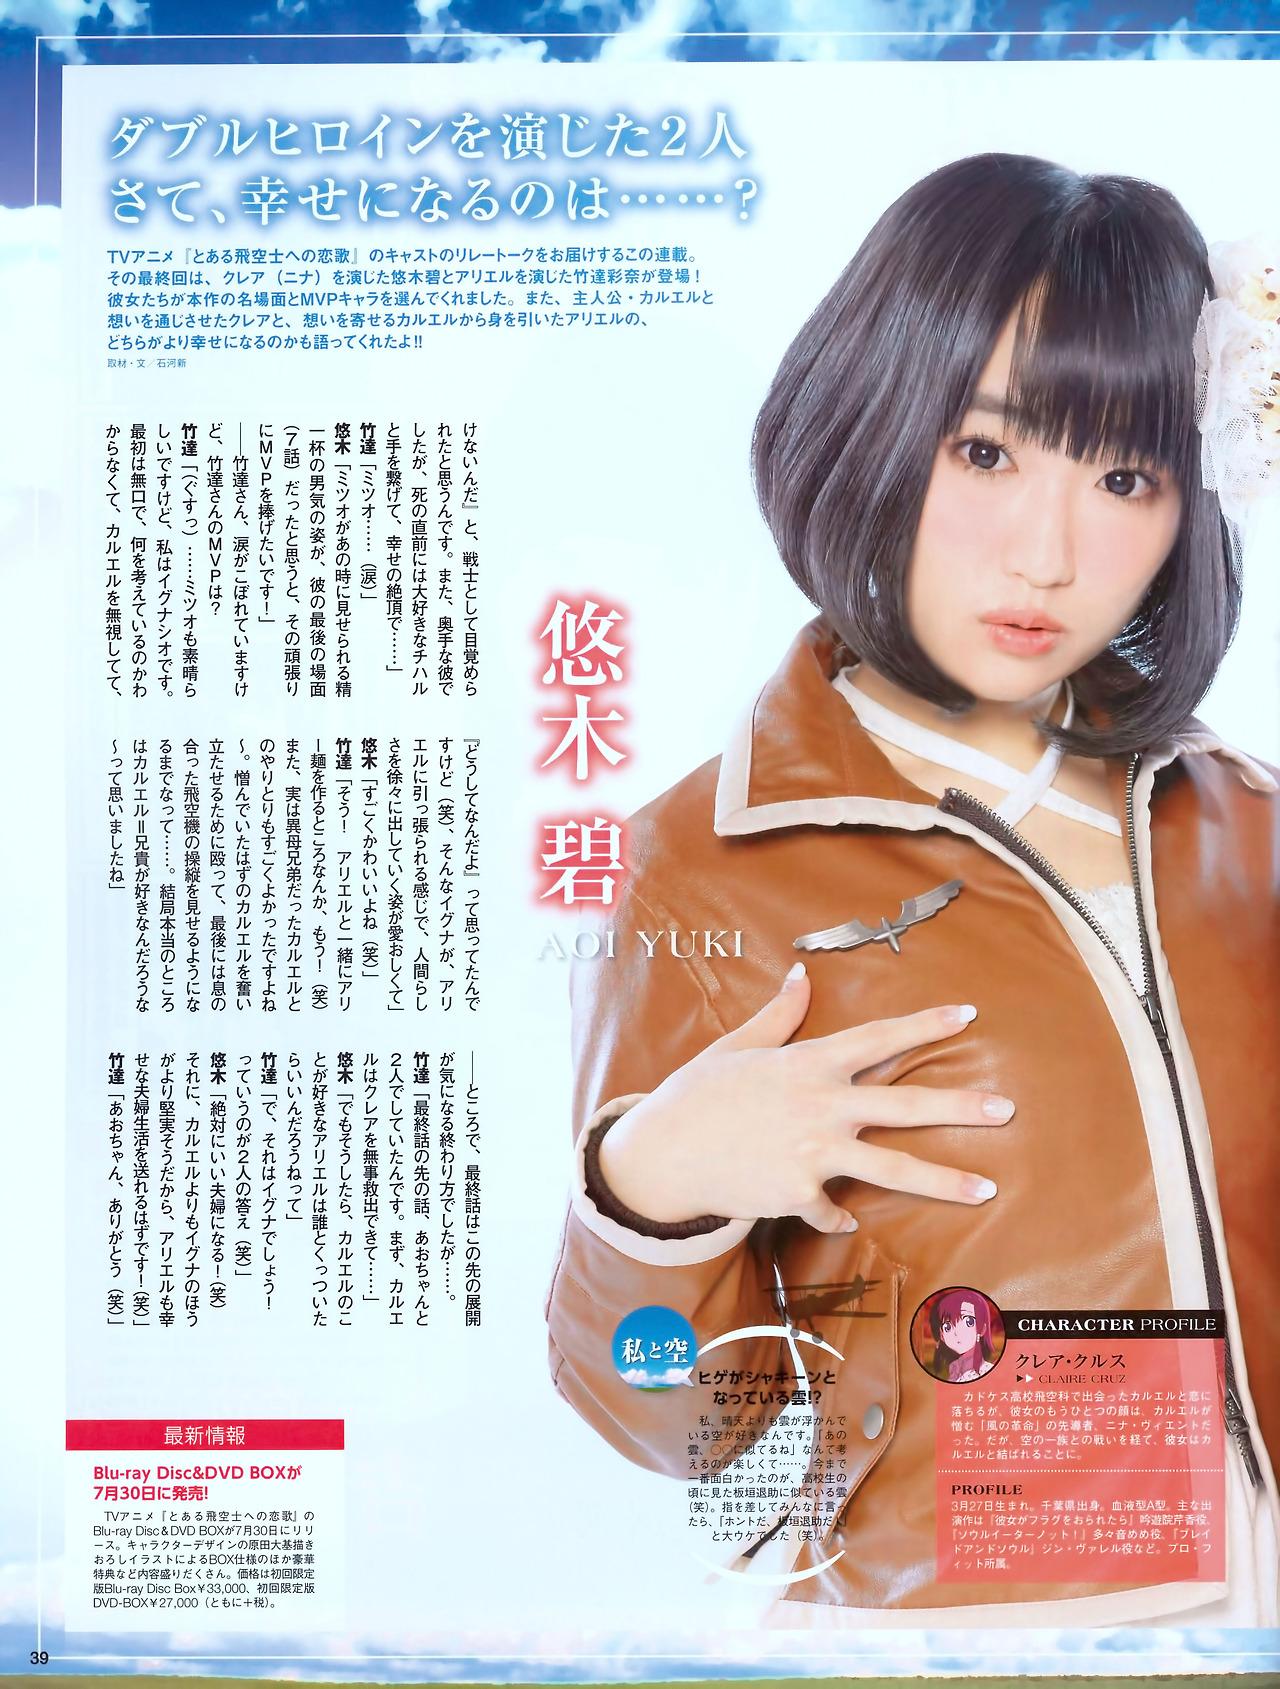 성우 유우키 아오이 & 타케타츠 아야나의 잡지 사진..